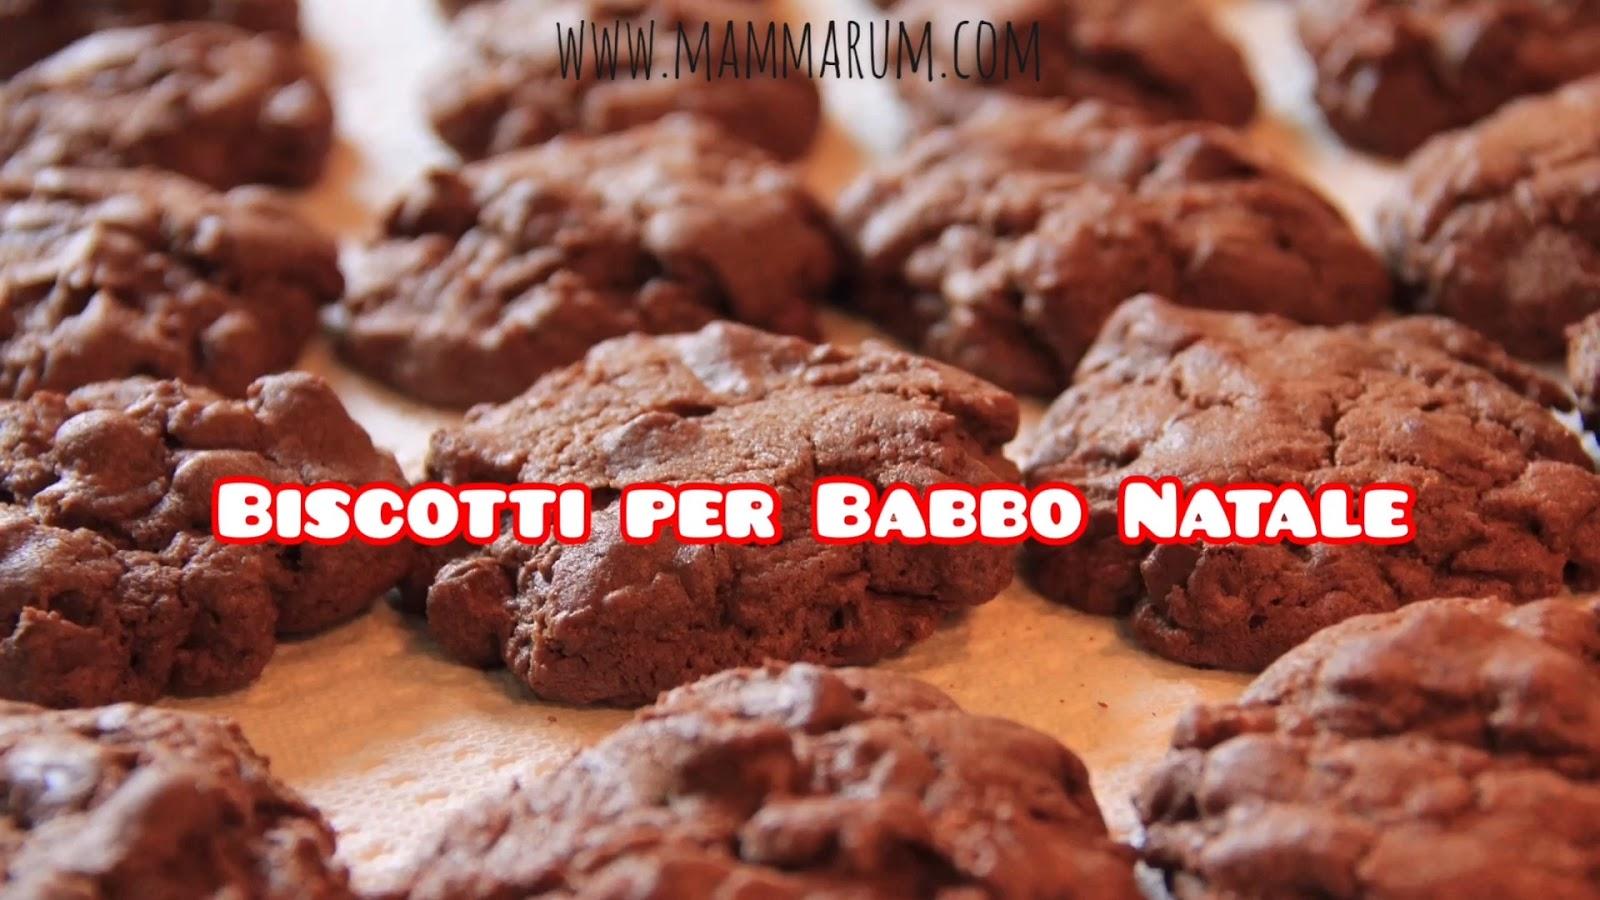 Giorno 24: Biscotti per Babbo Natale